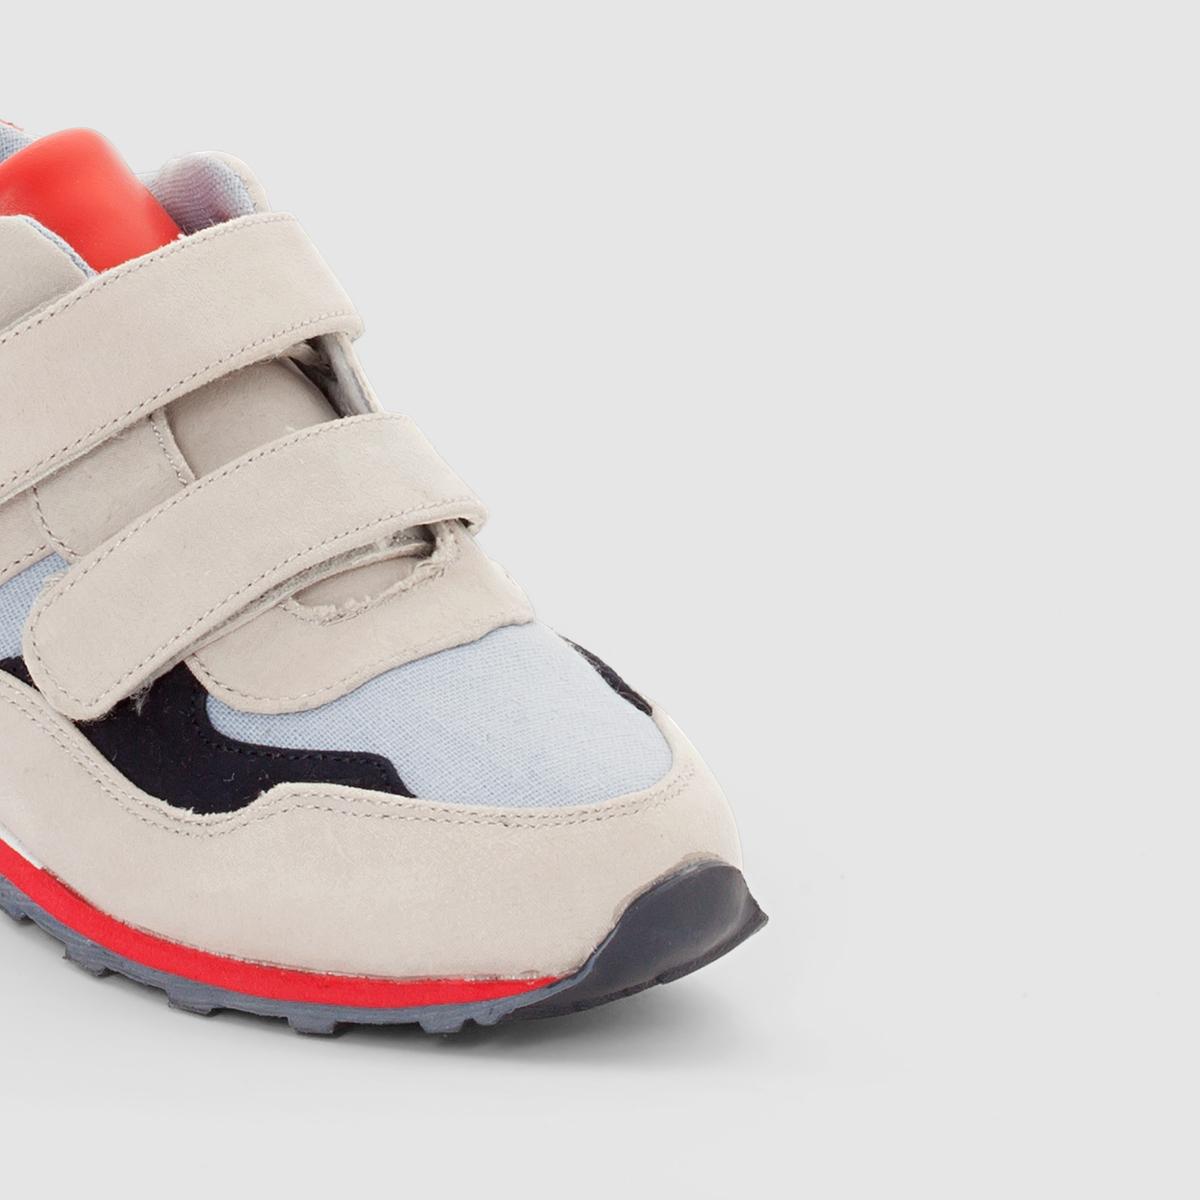 Кеды из тканиДетали  •  Спортивный стиль •  Плоский каблук •  Застежка : планка-велкроСостав и уход  •  Верх 80% полиэстера, 20% полиуретана •  Подкладка 100% хлопок<br><br>Цвет: синий + серый + красный<br>Размер: 36.35.38